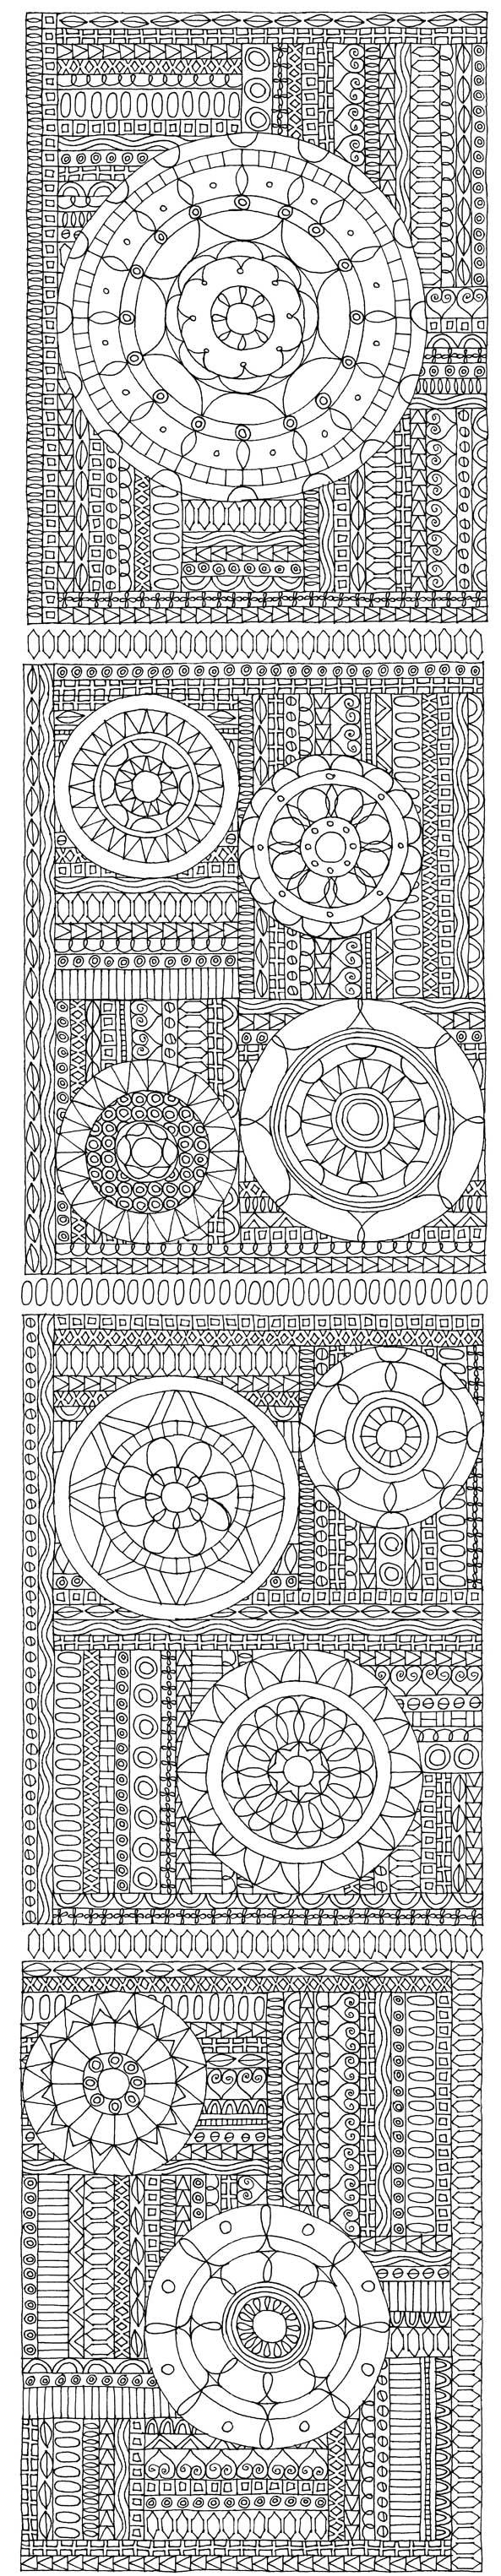 Doodle244